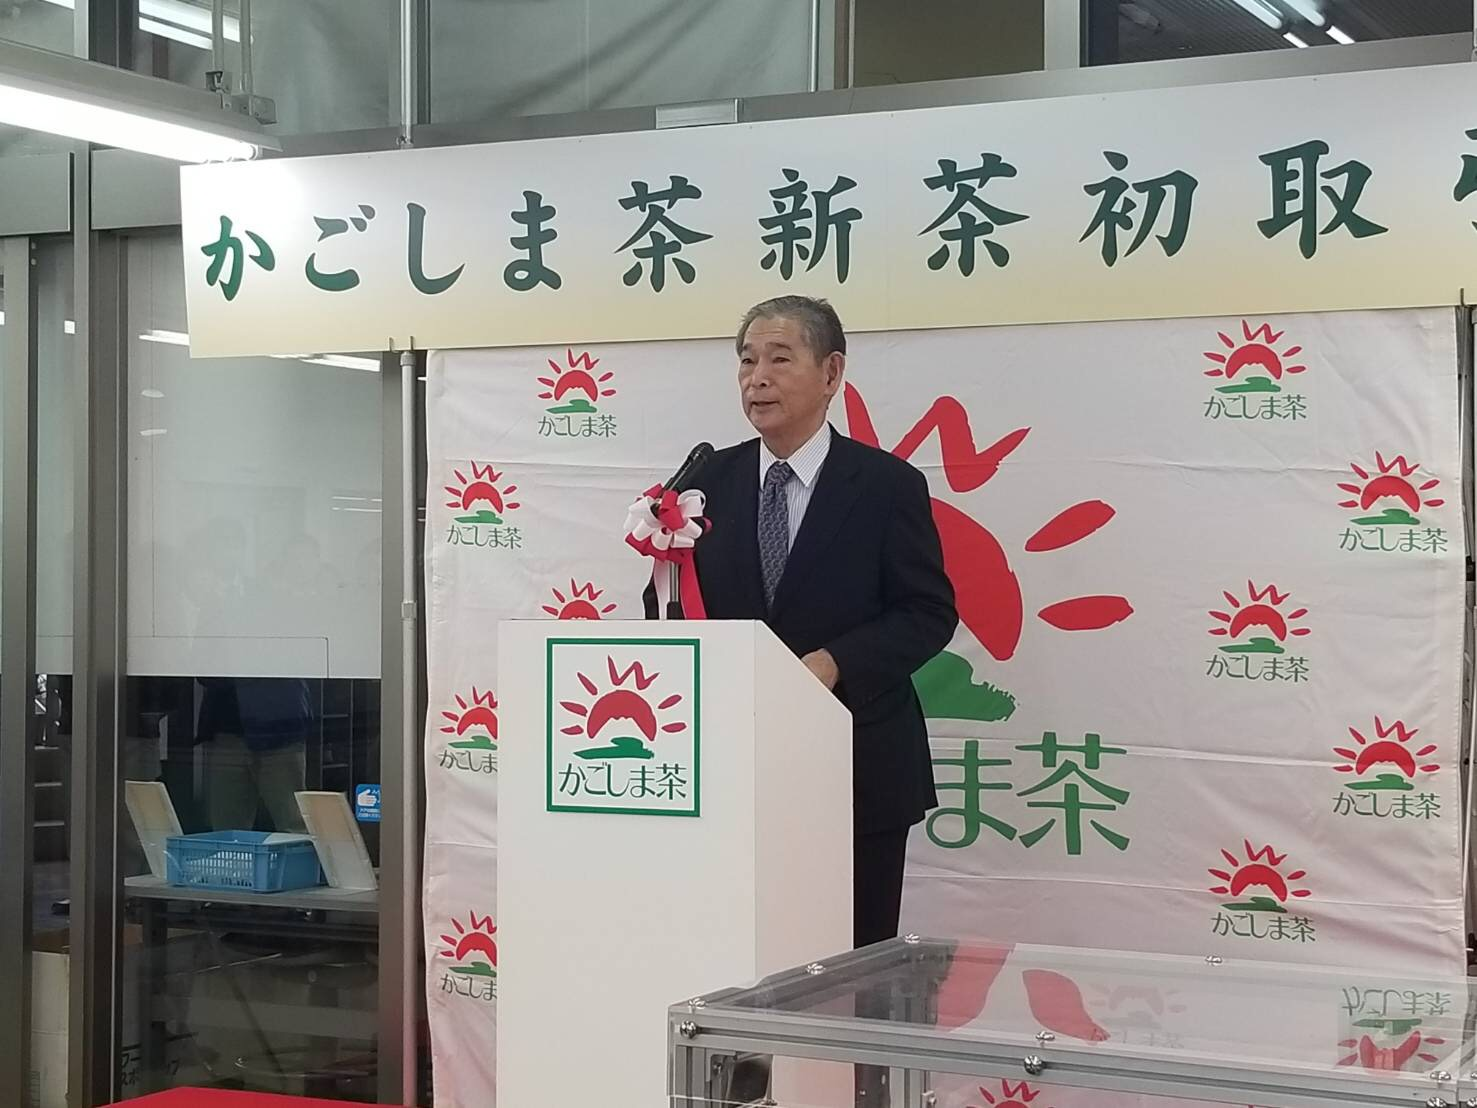 4月5日 鹿児島茶市場 初入札